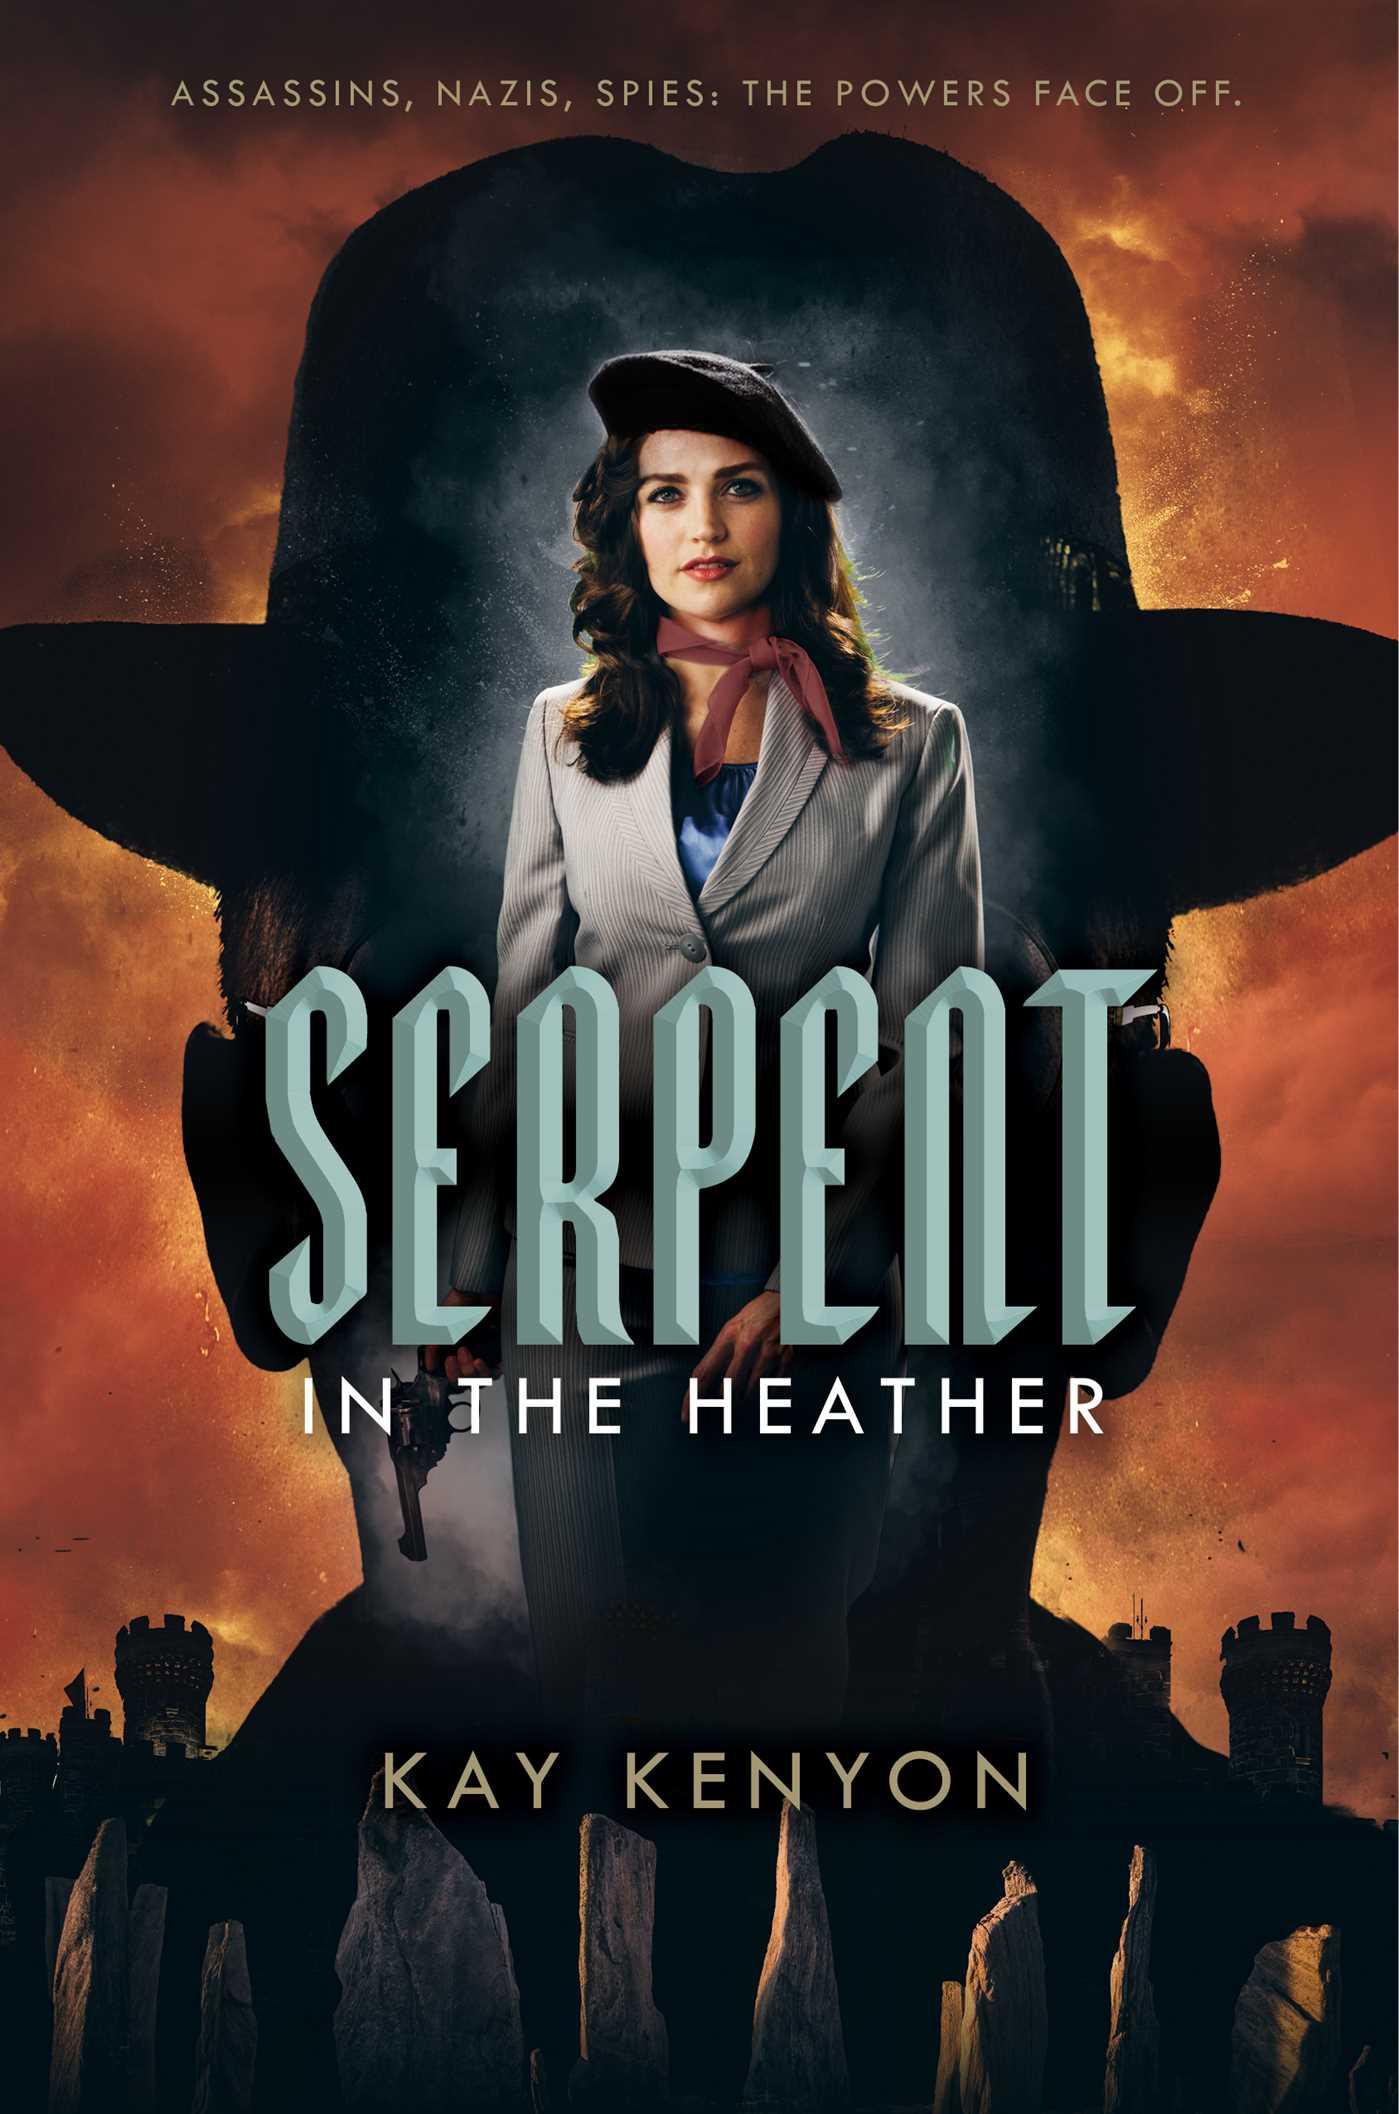 Serpent in the heather 9781481487863 hr